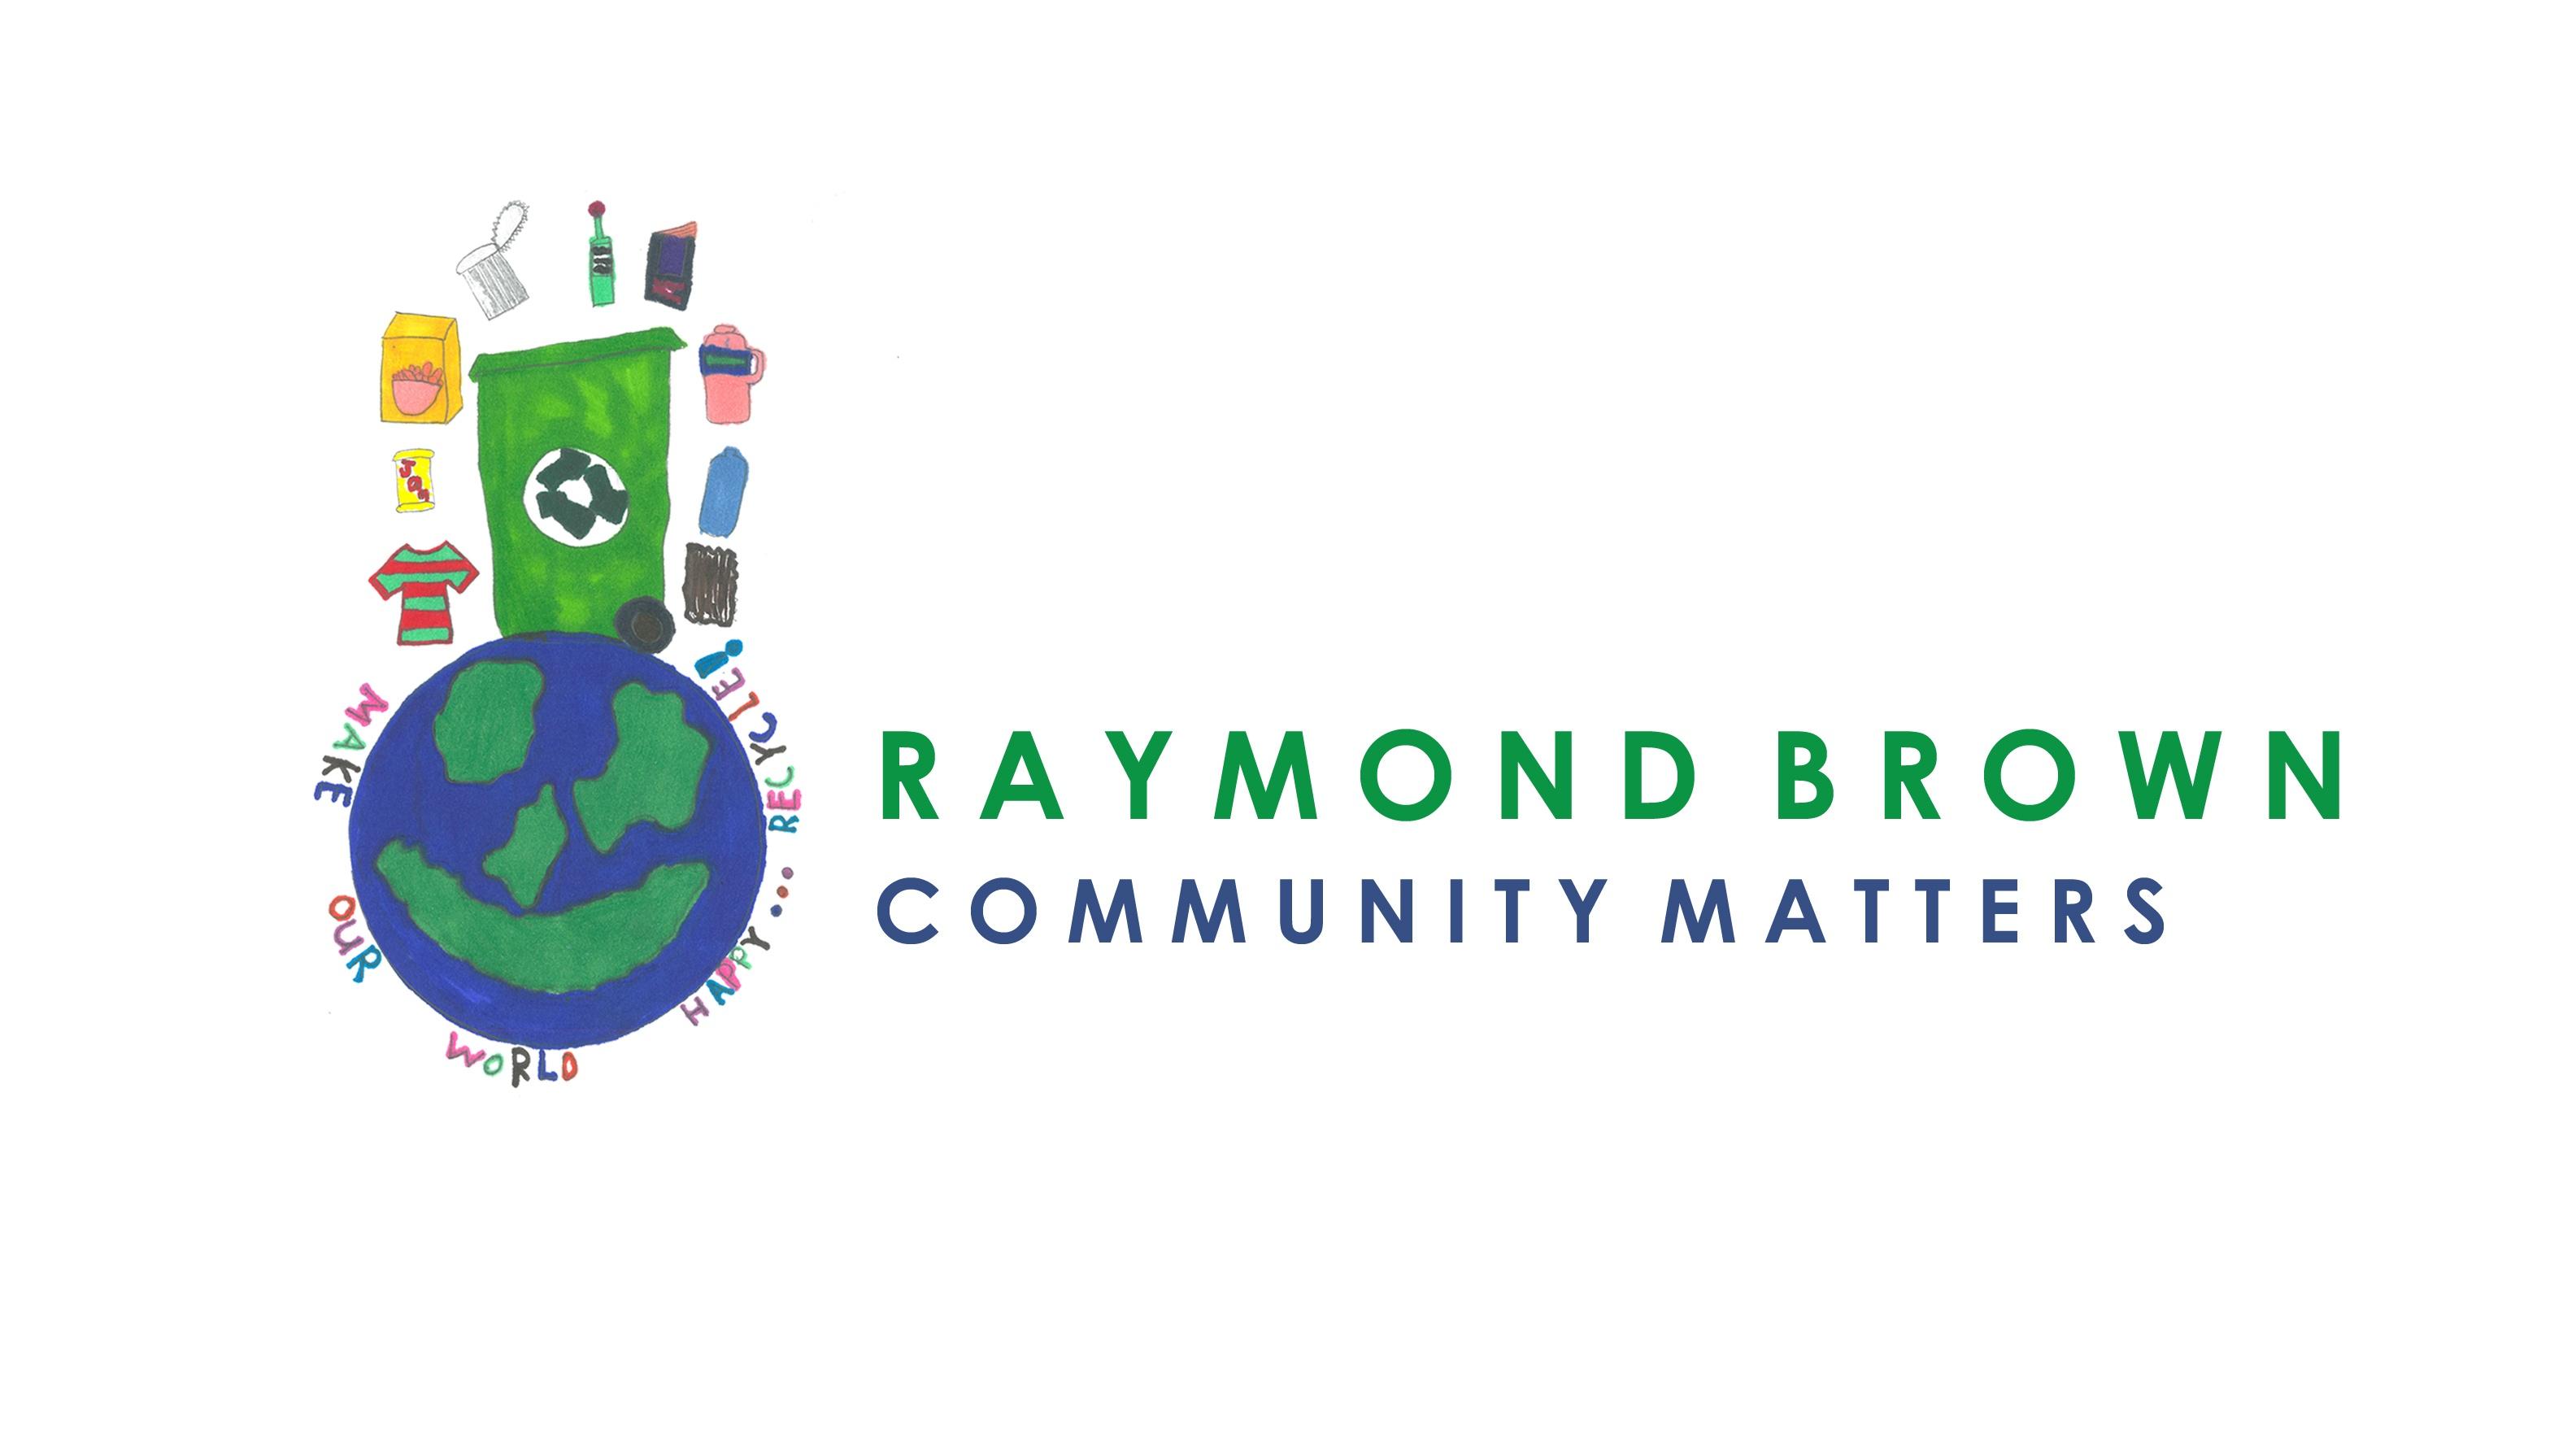 Raymond Brown Community Matters.jpg